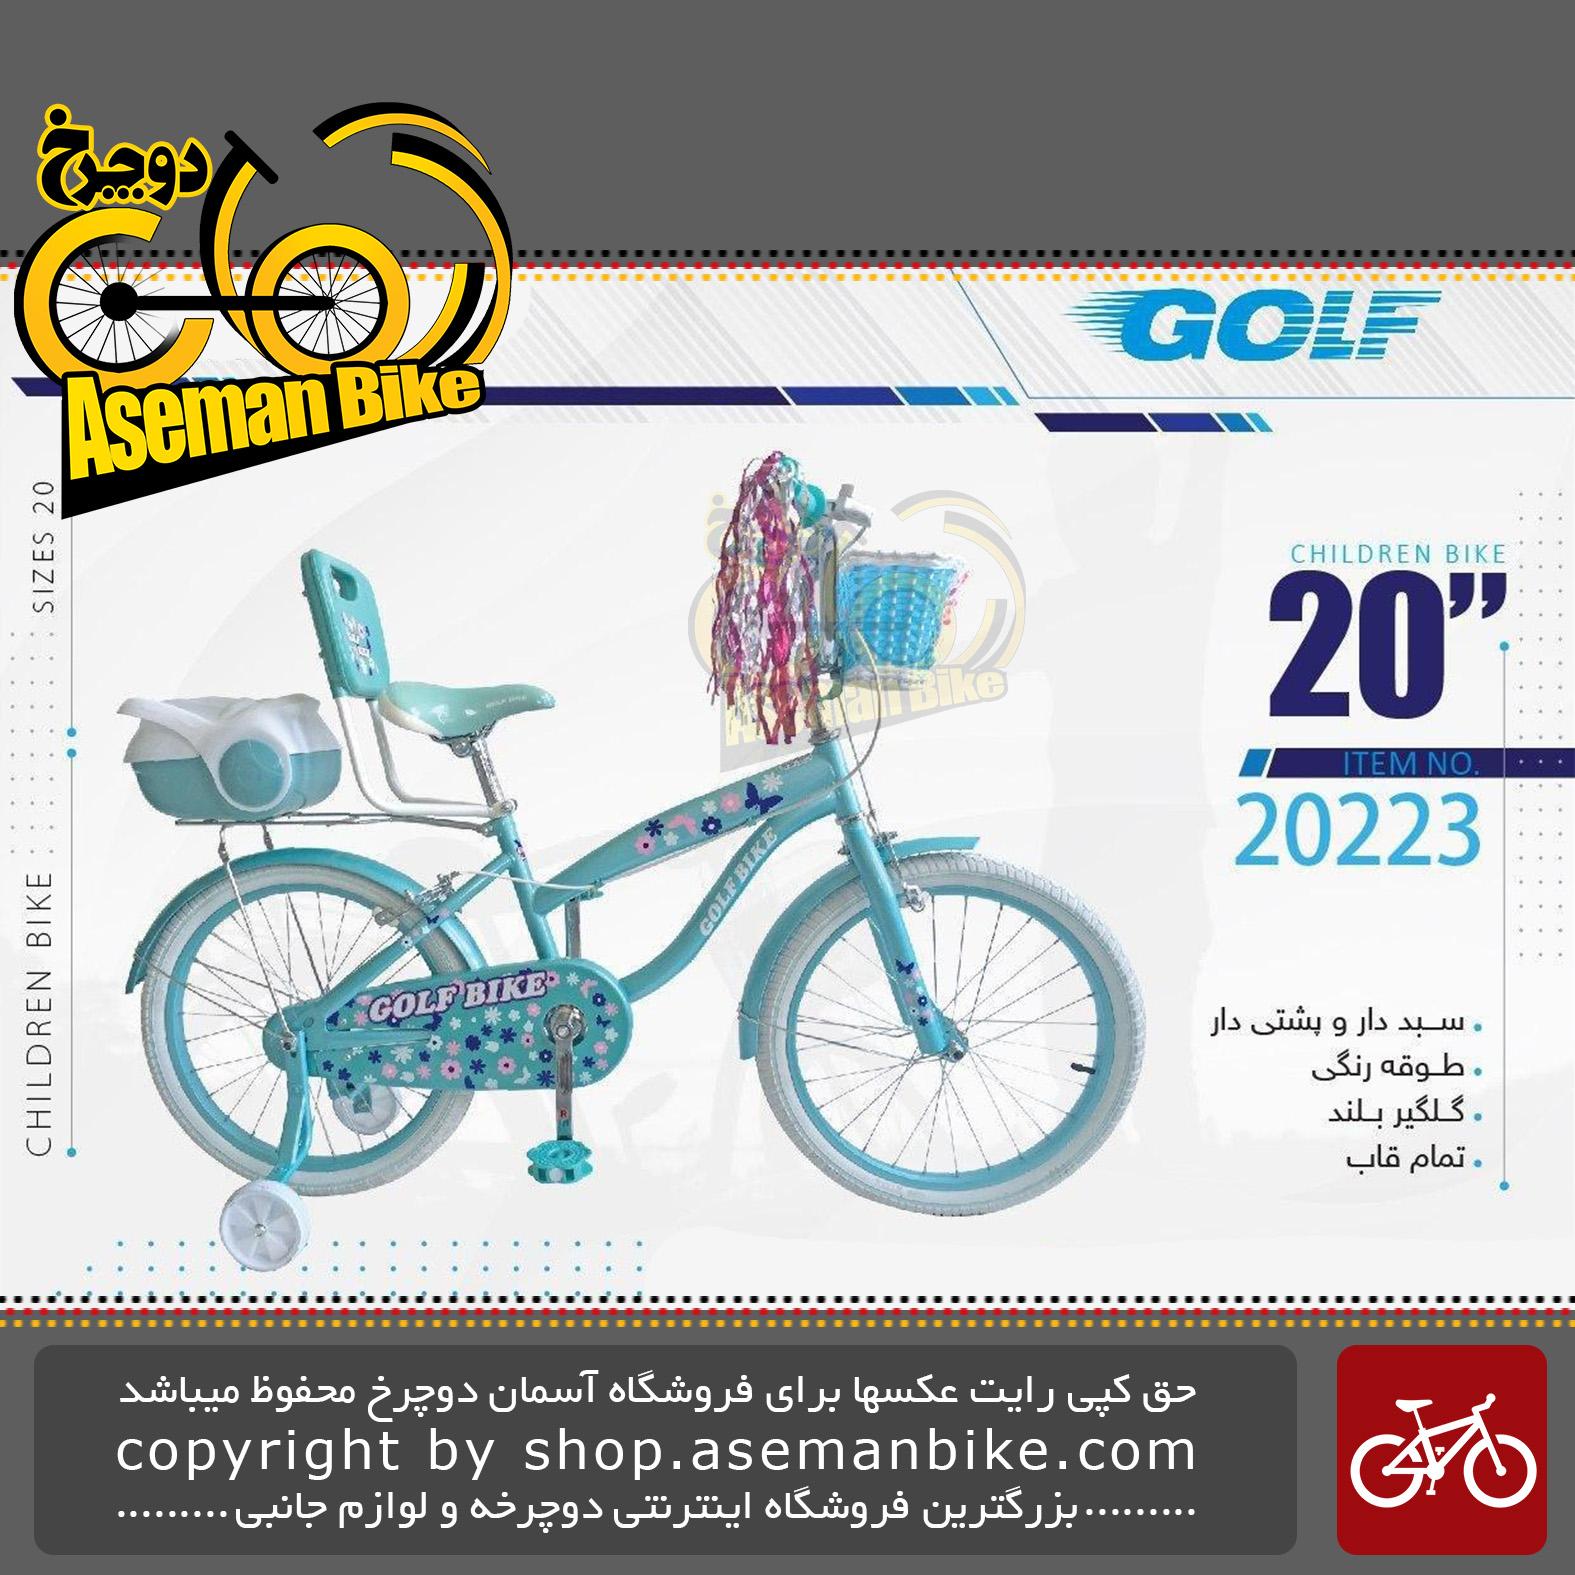 دوچرخه دخترانه بچگانه گلف سایز ۲۰ پشتی دار صندوق دار سبد دار مدل 20223 GOLF Bicycle Children Bike Size 20 Model 20223